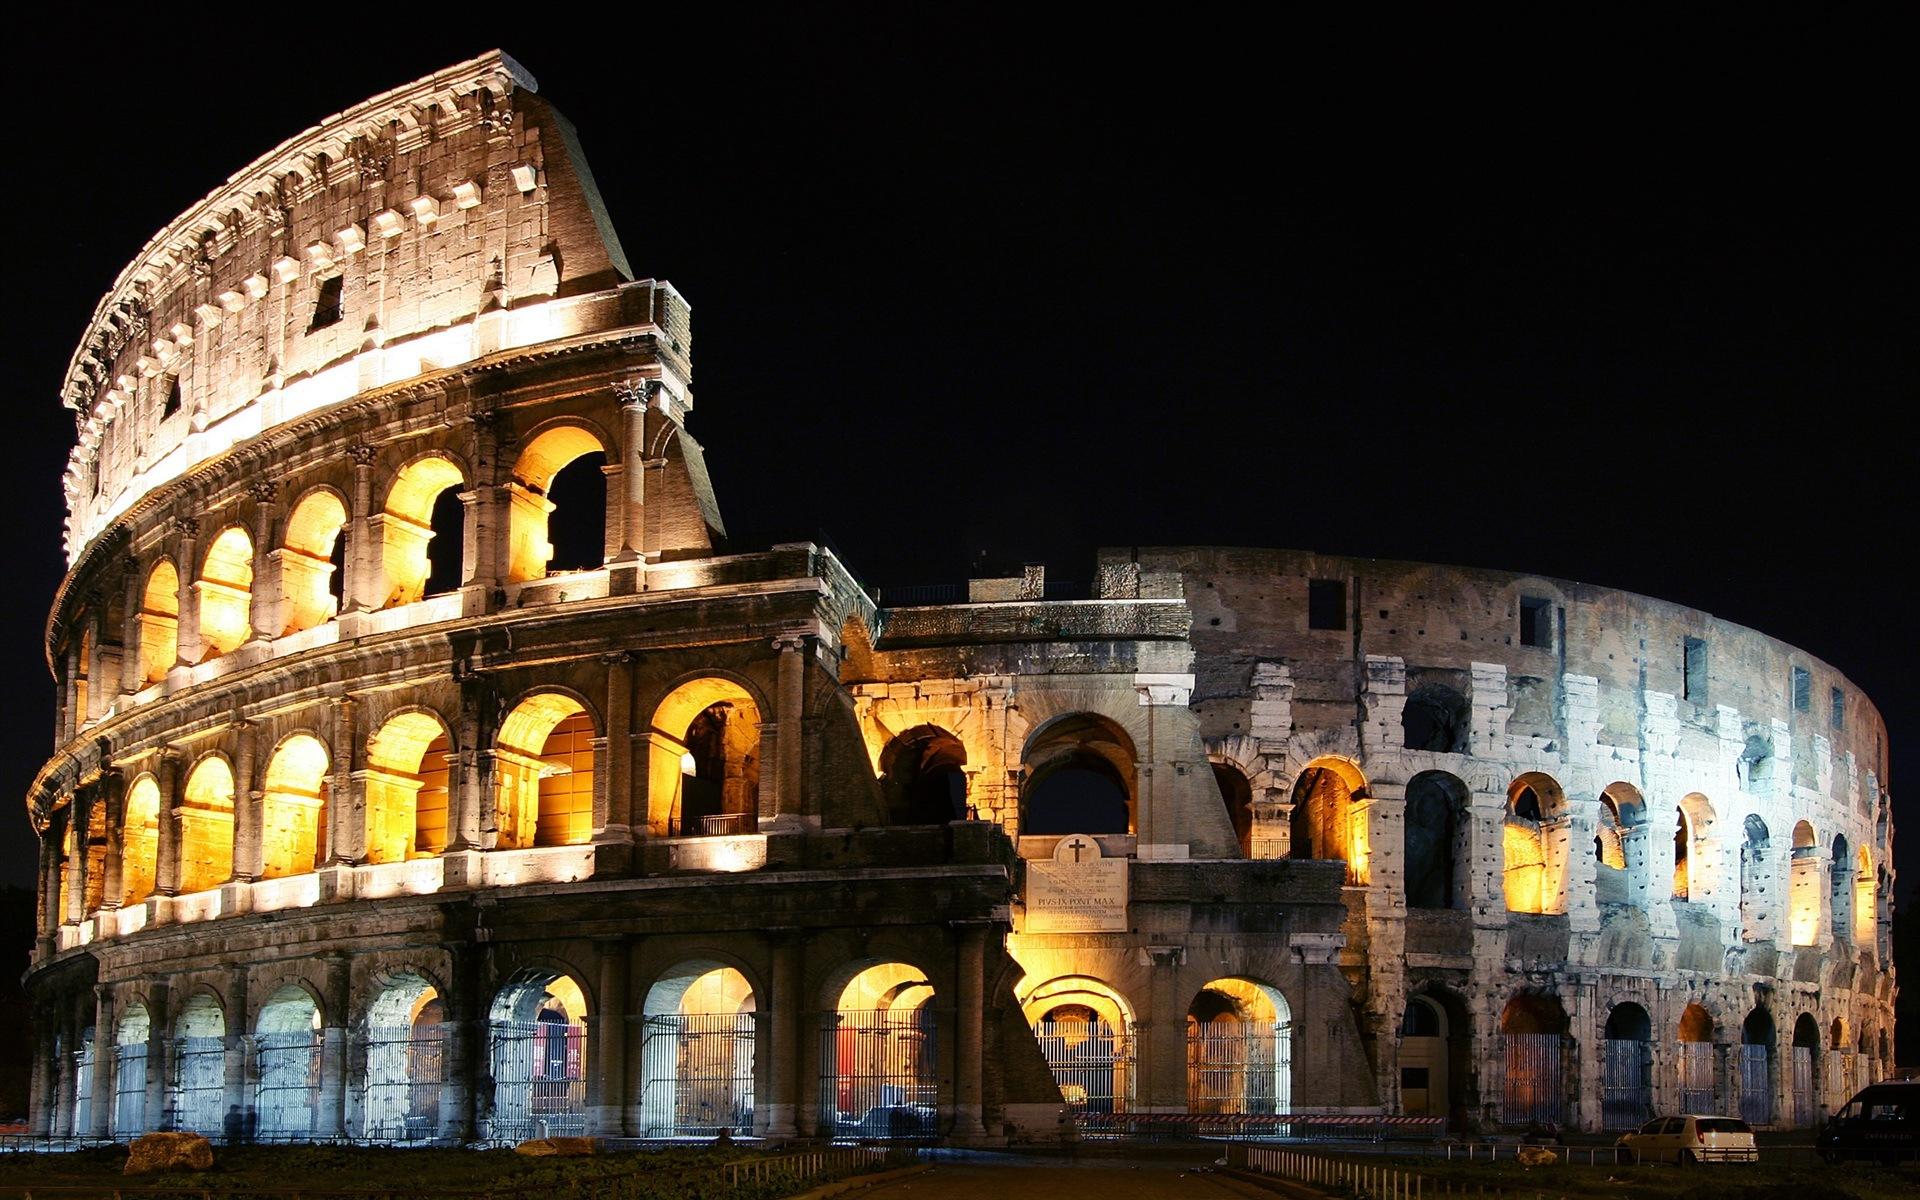 Fondos de pantalla HD arquitectura clásica europea 15 , 1920x1200.